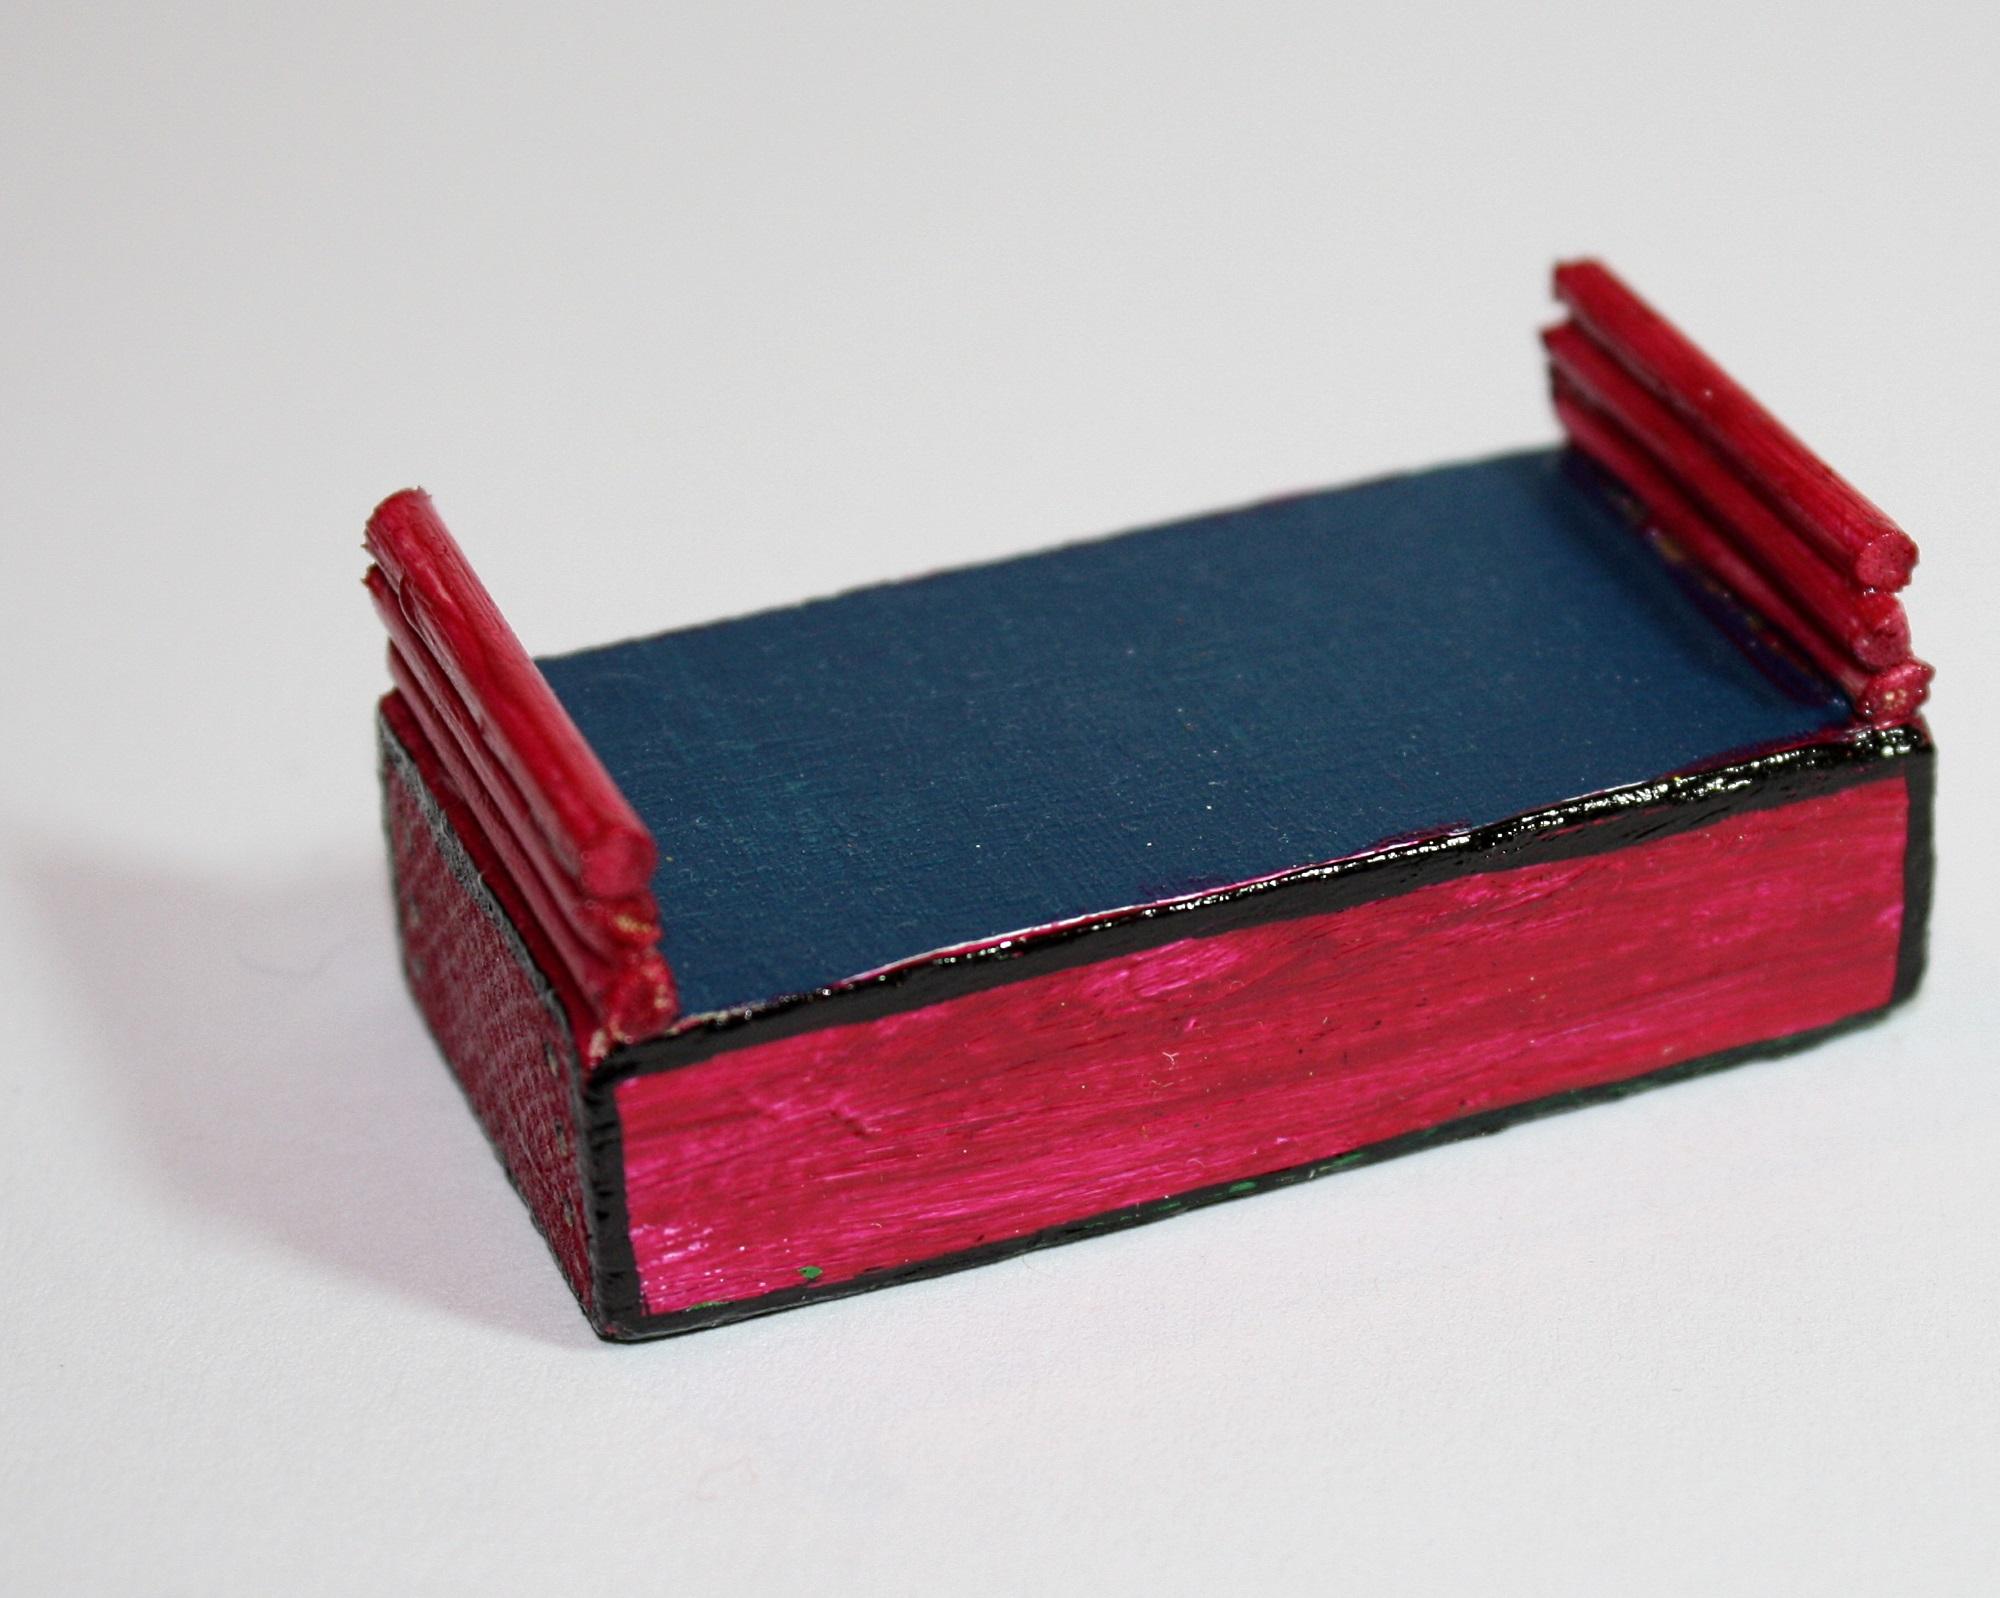 Schrank Aus Pappe diy m bel aus pappe plan a cardboard furniture part 1 schrank aus pappe teil